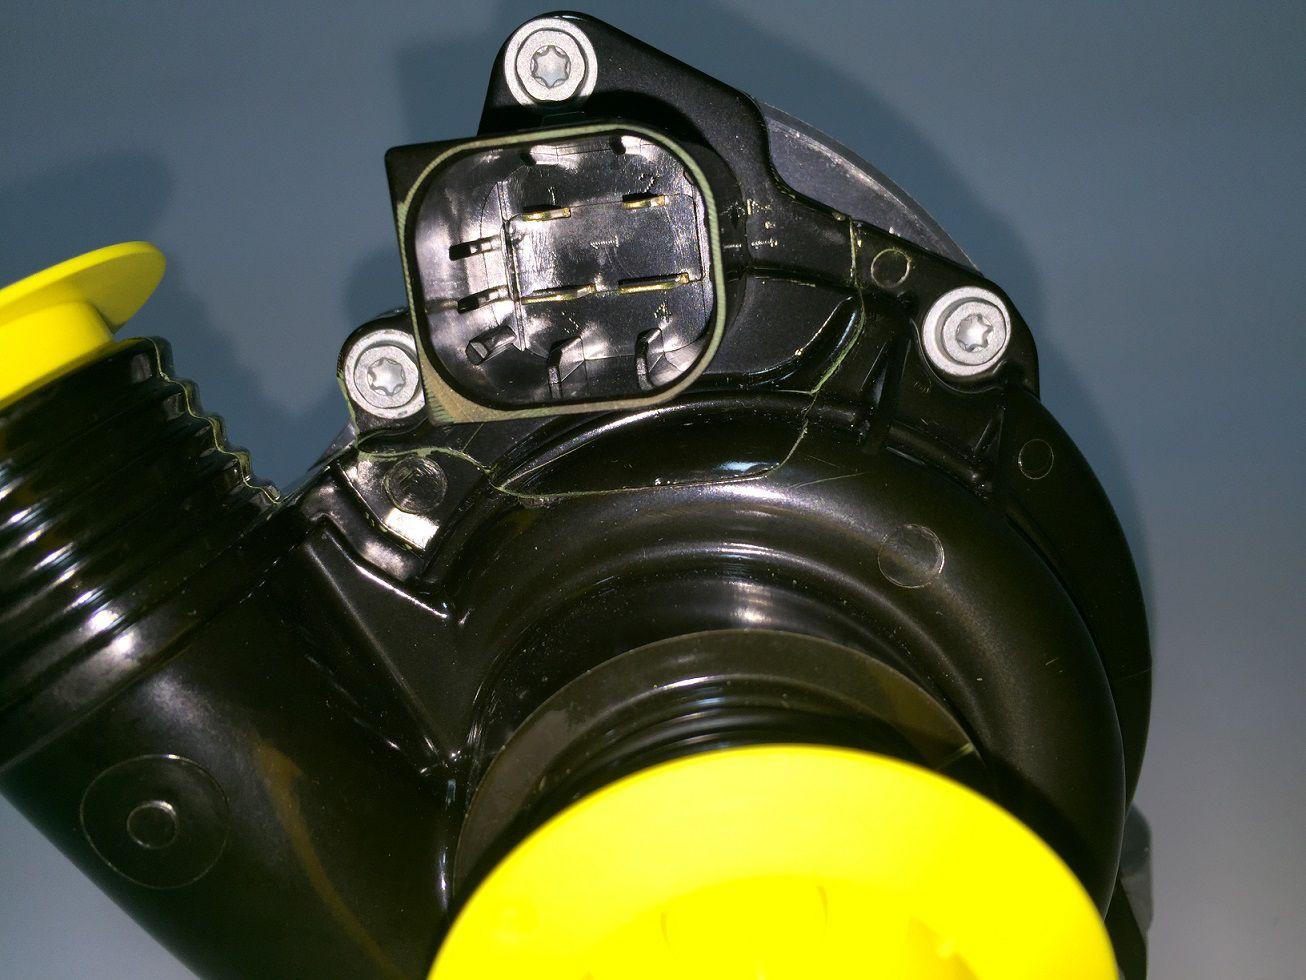 Bomba de água elétrica BMW 335 135 2006 a 2011 X5 35i 2009 a 2013 X6 2007 a 2014